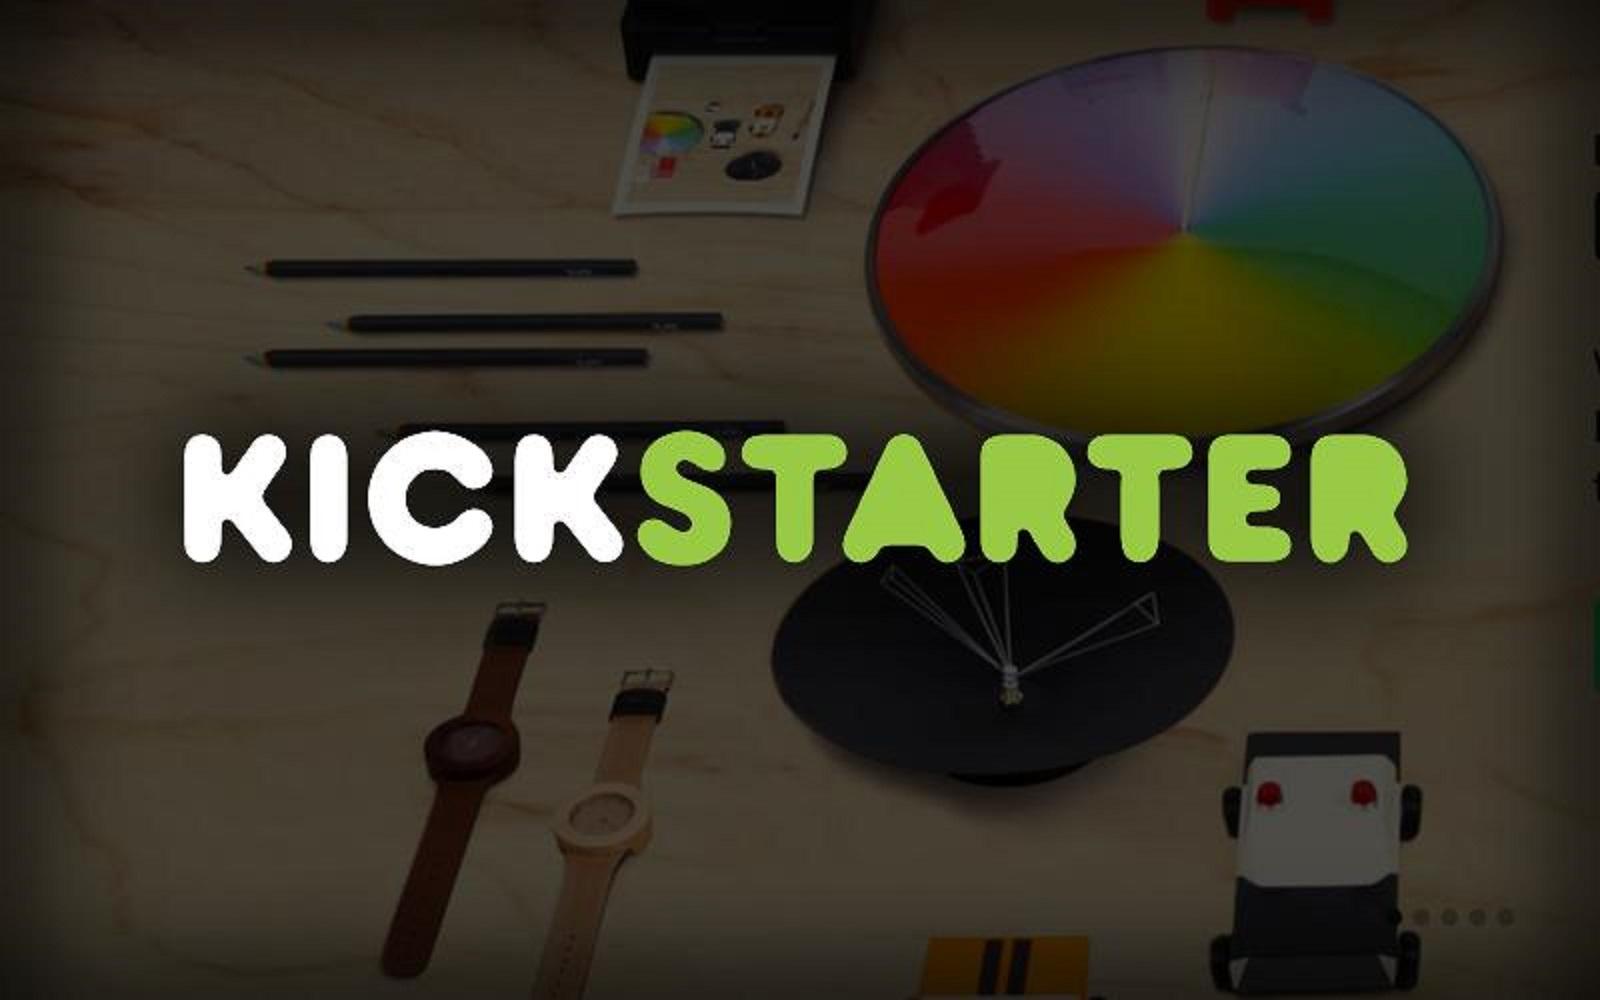 クラウドファンディング「Kickstarter」のロゴ写真